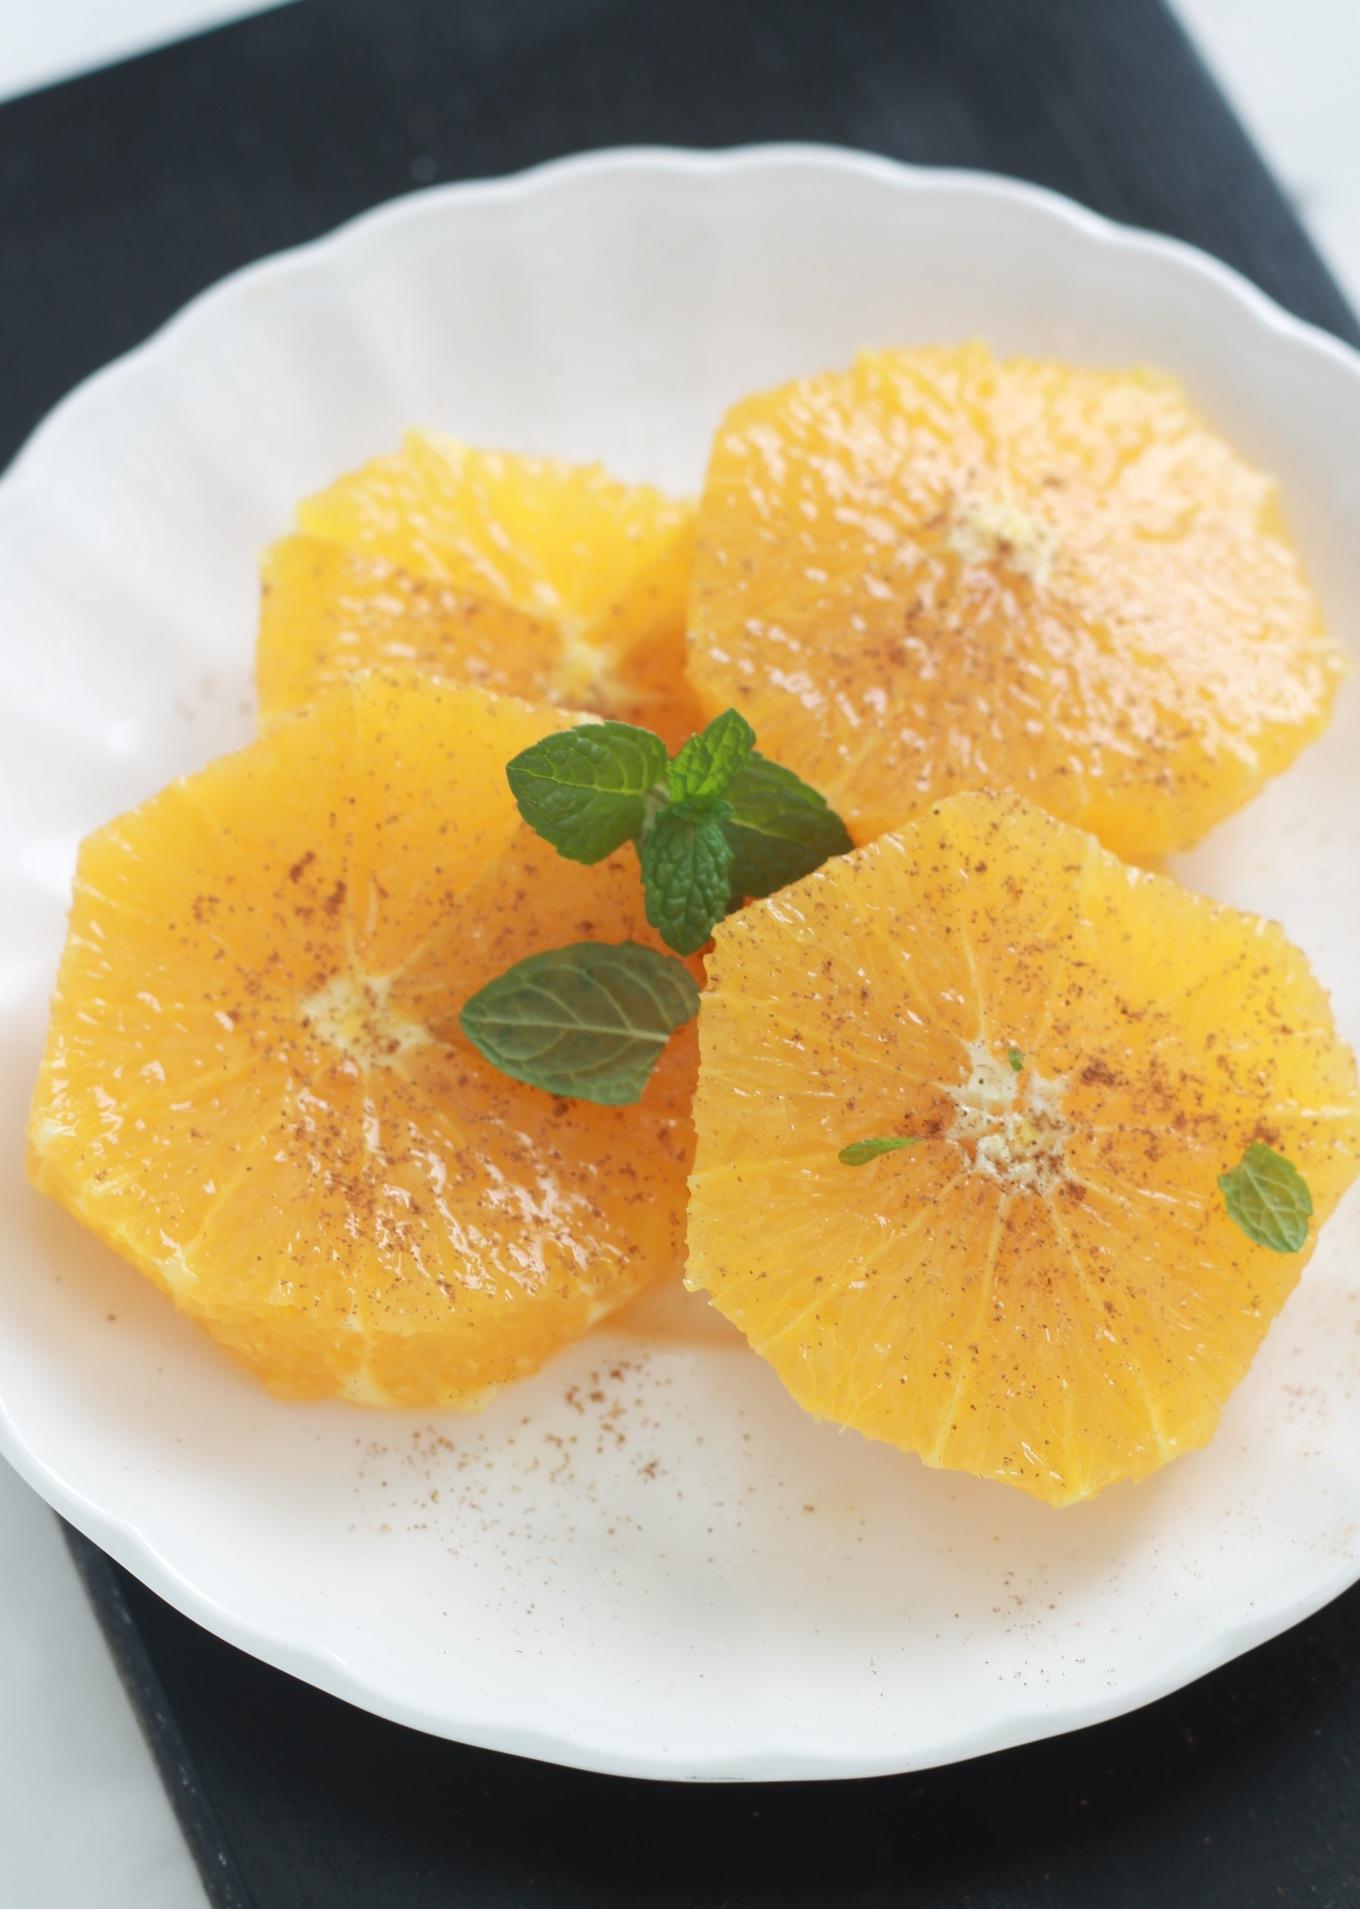 Salade d'oranges agréablement parfumée à l'eau de fleur d'oranger et à la cannelle. Elle est rafraîchissante, simple et facile à faire. Vous pouvez aussi la décorer avec des fruits secs selon vos goûts.  CuisineCulinaire.com